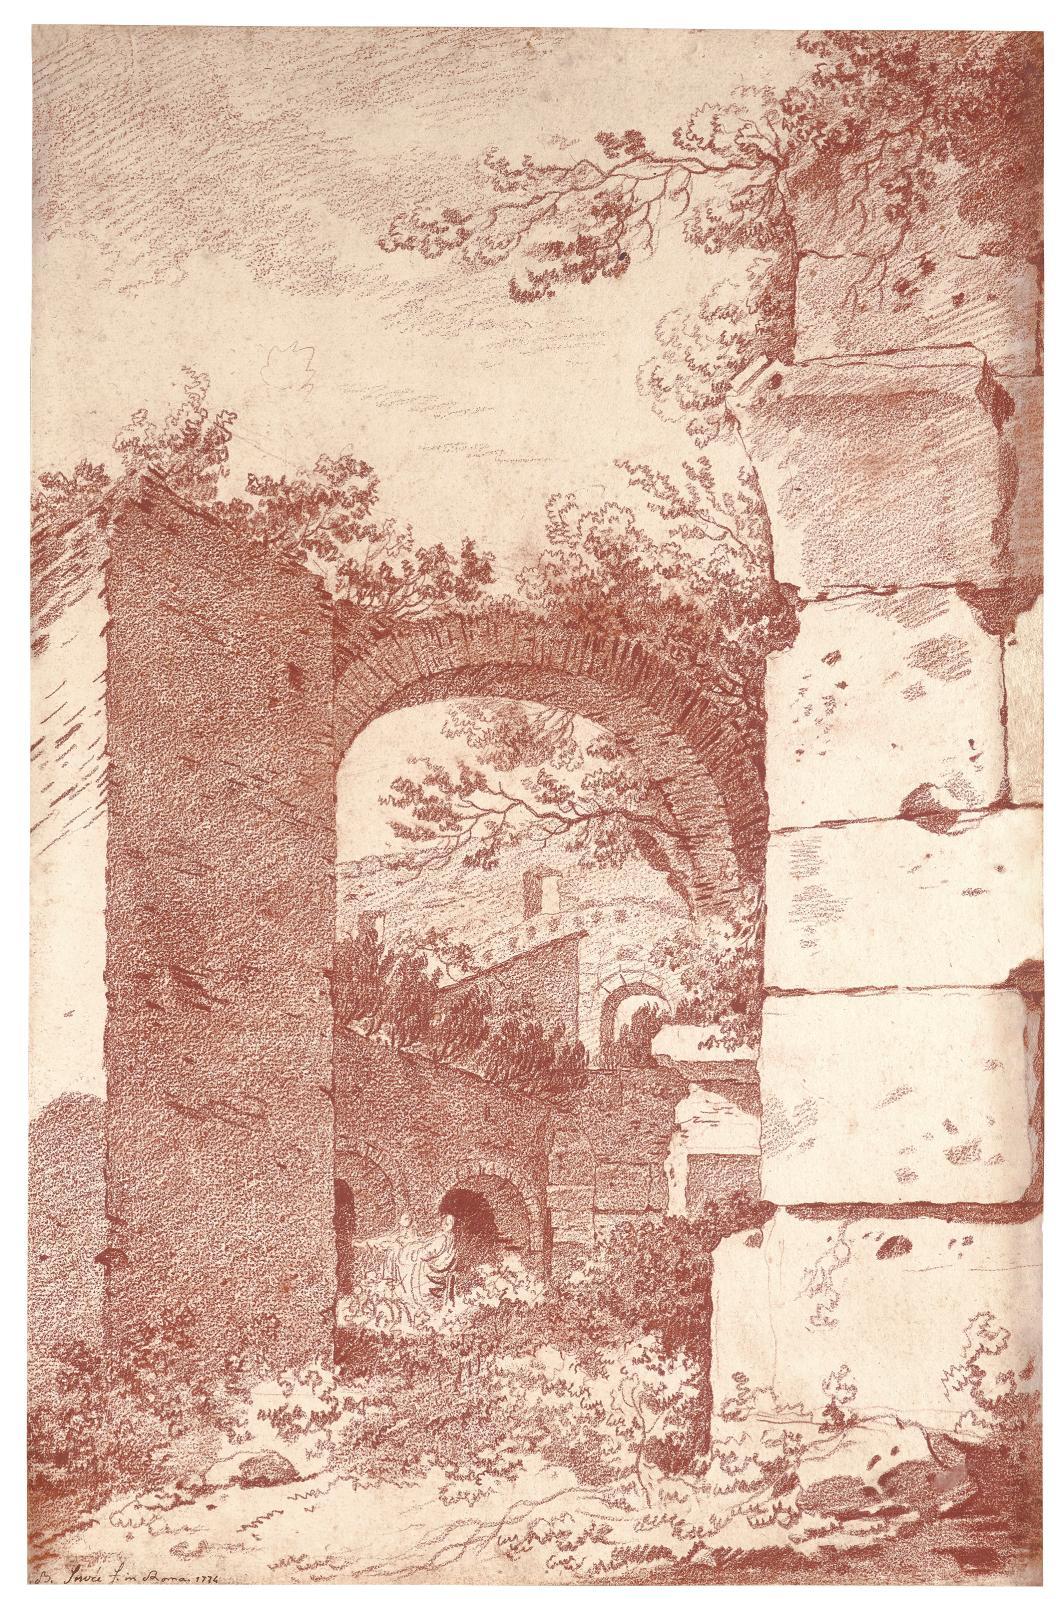 Villa Adriana à Tivoli, vers 1774, sanguine, 43,5x31,9cm, France, collection particulière.